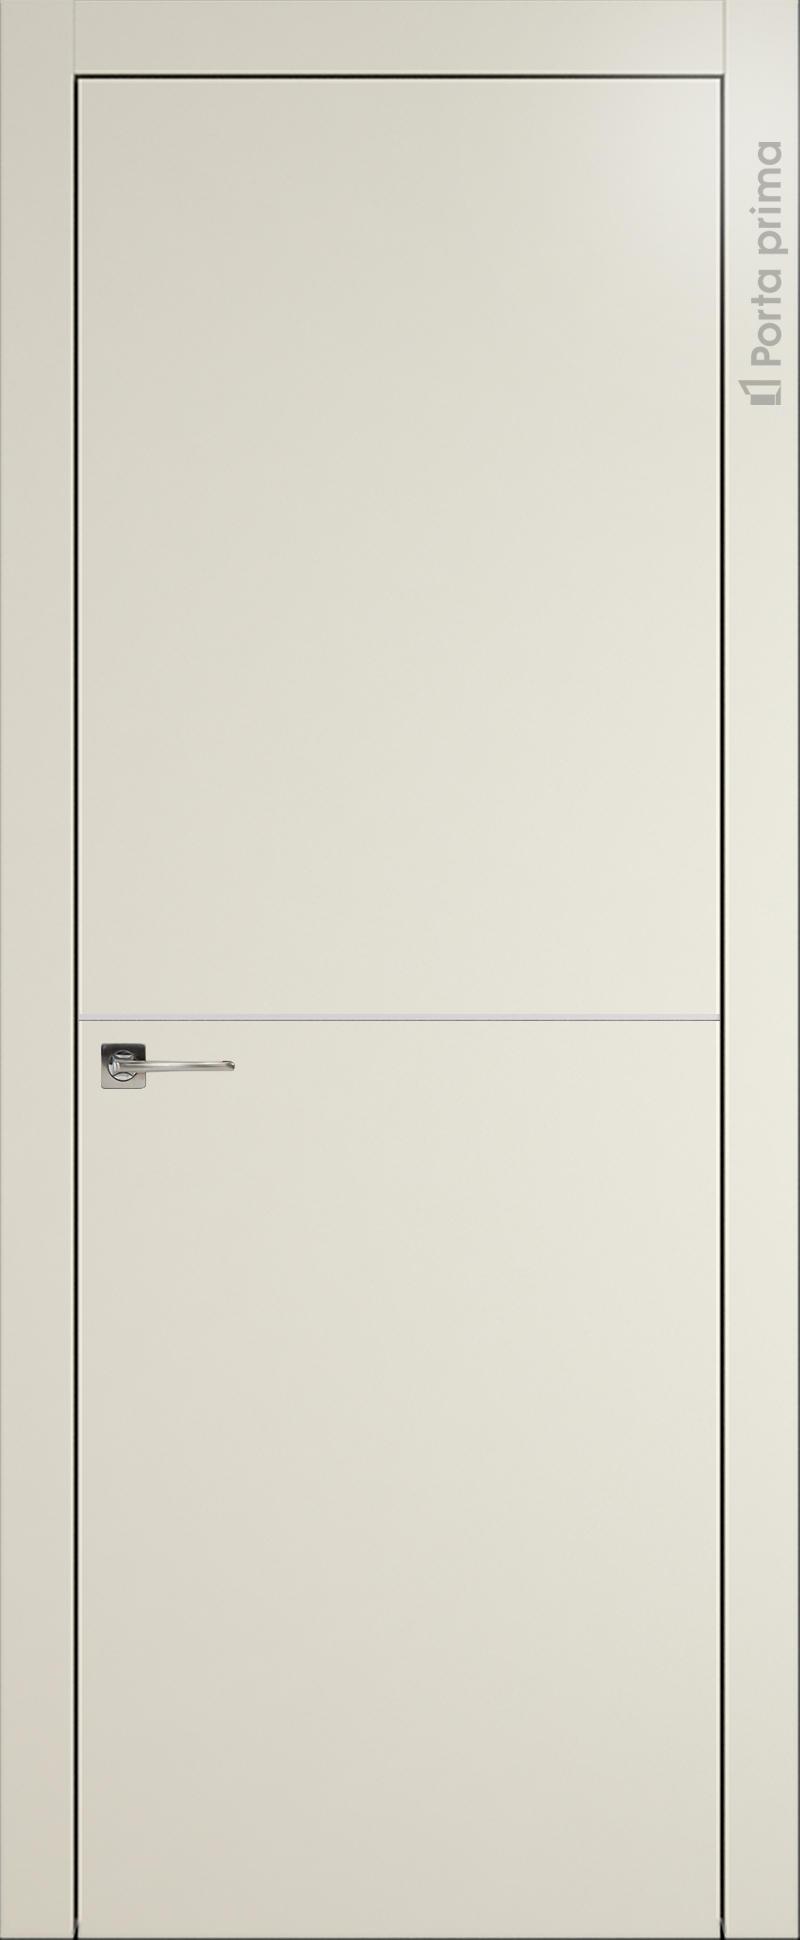 Tivoli Б-3 цвет - Жемчужная эмаль (RAL 1013) Без стекла (ДГ)